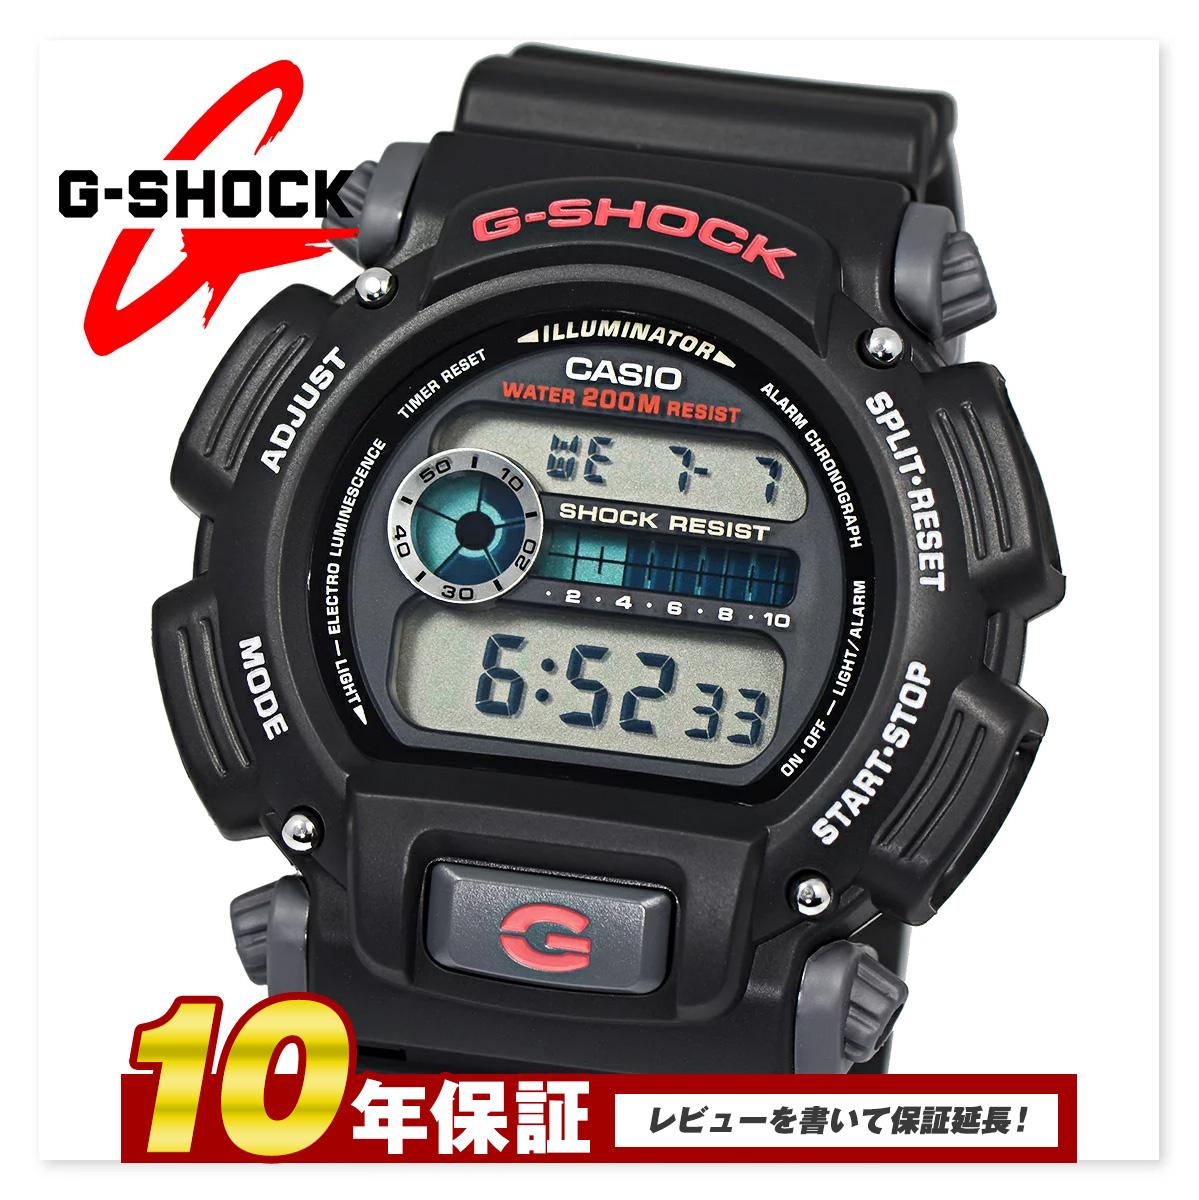 【クリスマス特価】【10年保証】カシオ CASIO G-SHOCK Gショック ジーショック ブラック 黒 DW9052-1V メンズ 腕時計 防水 クオーツ カレンダー